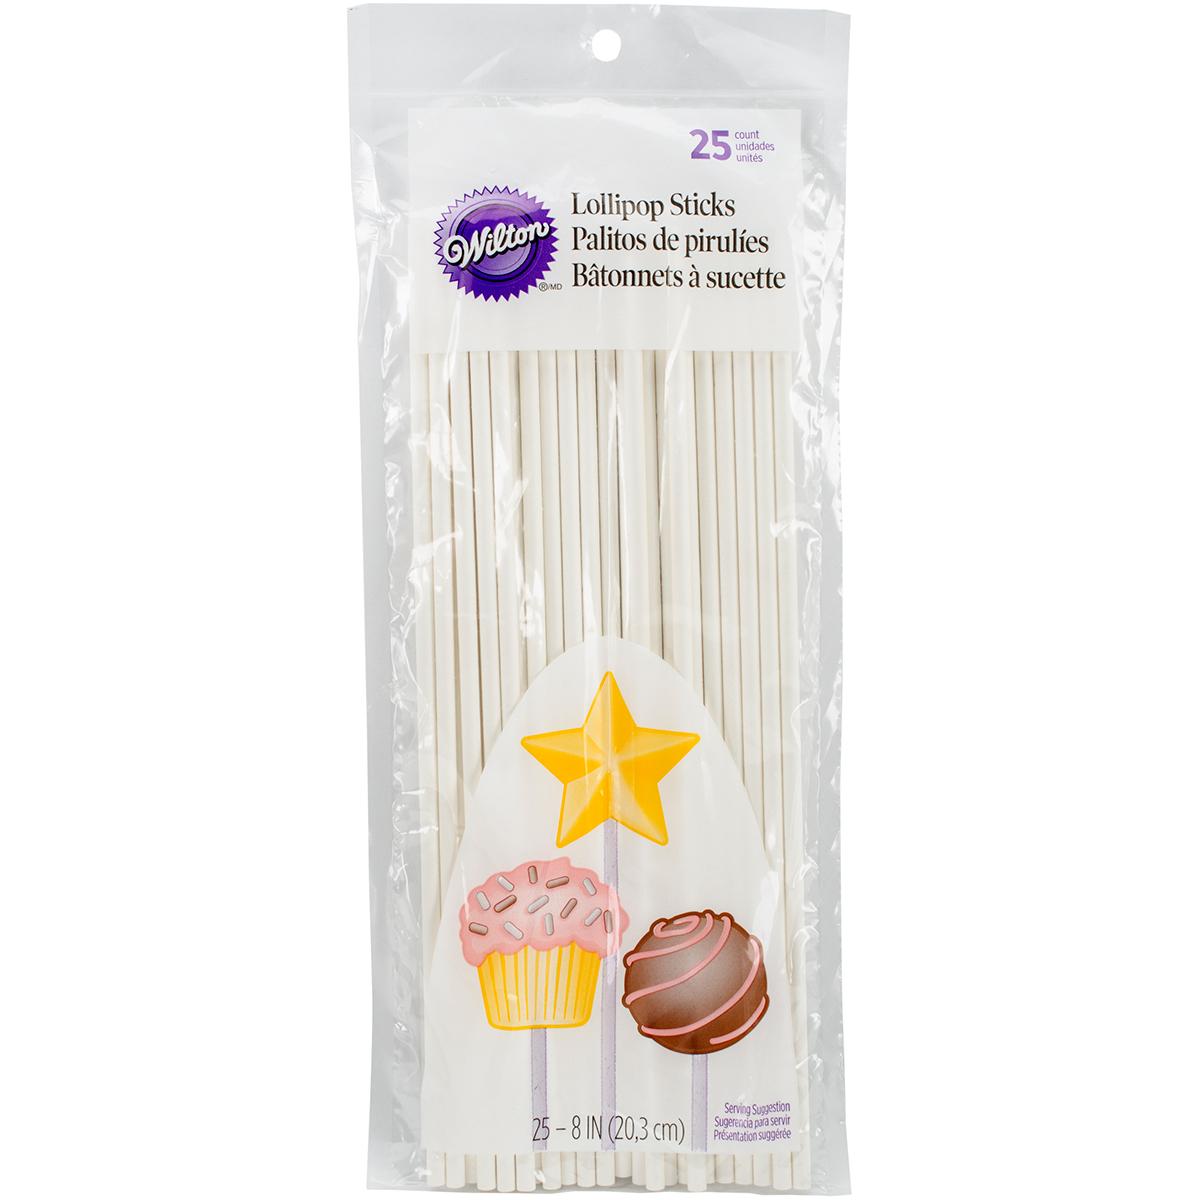 Lollipop Sticks 25 pack